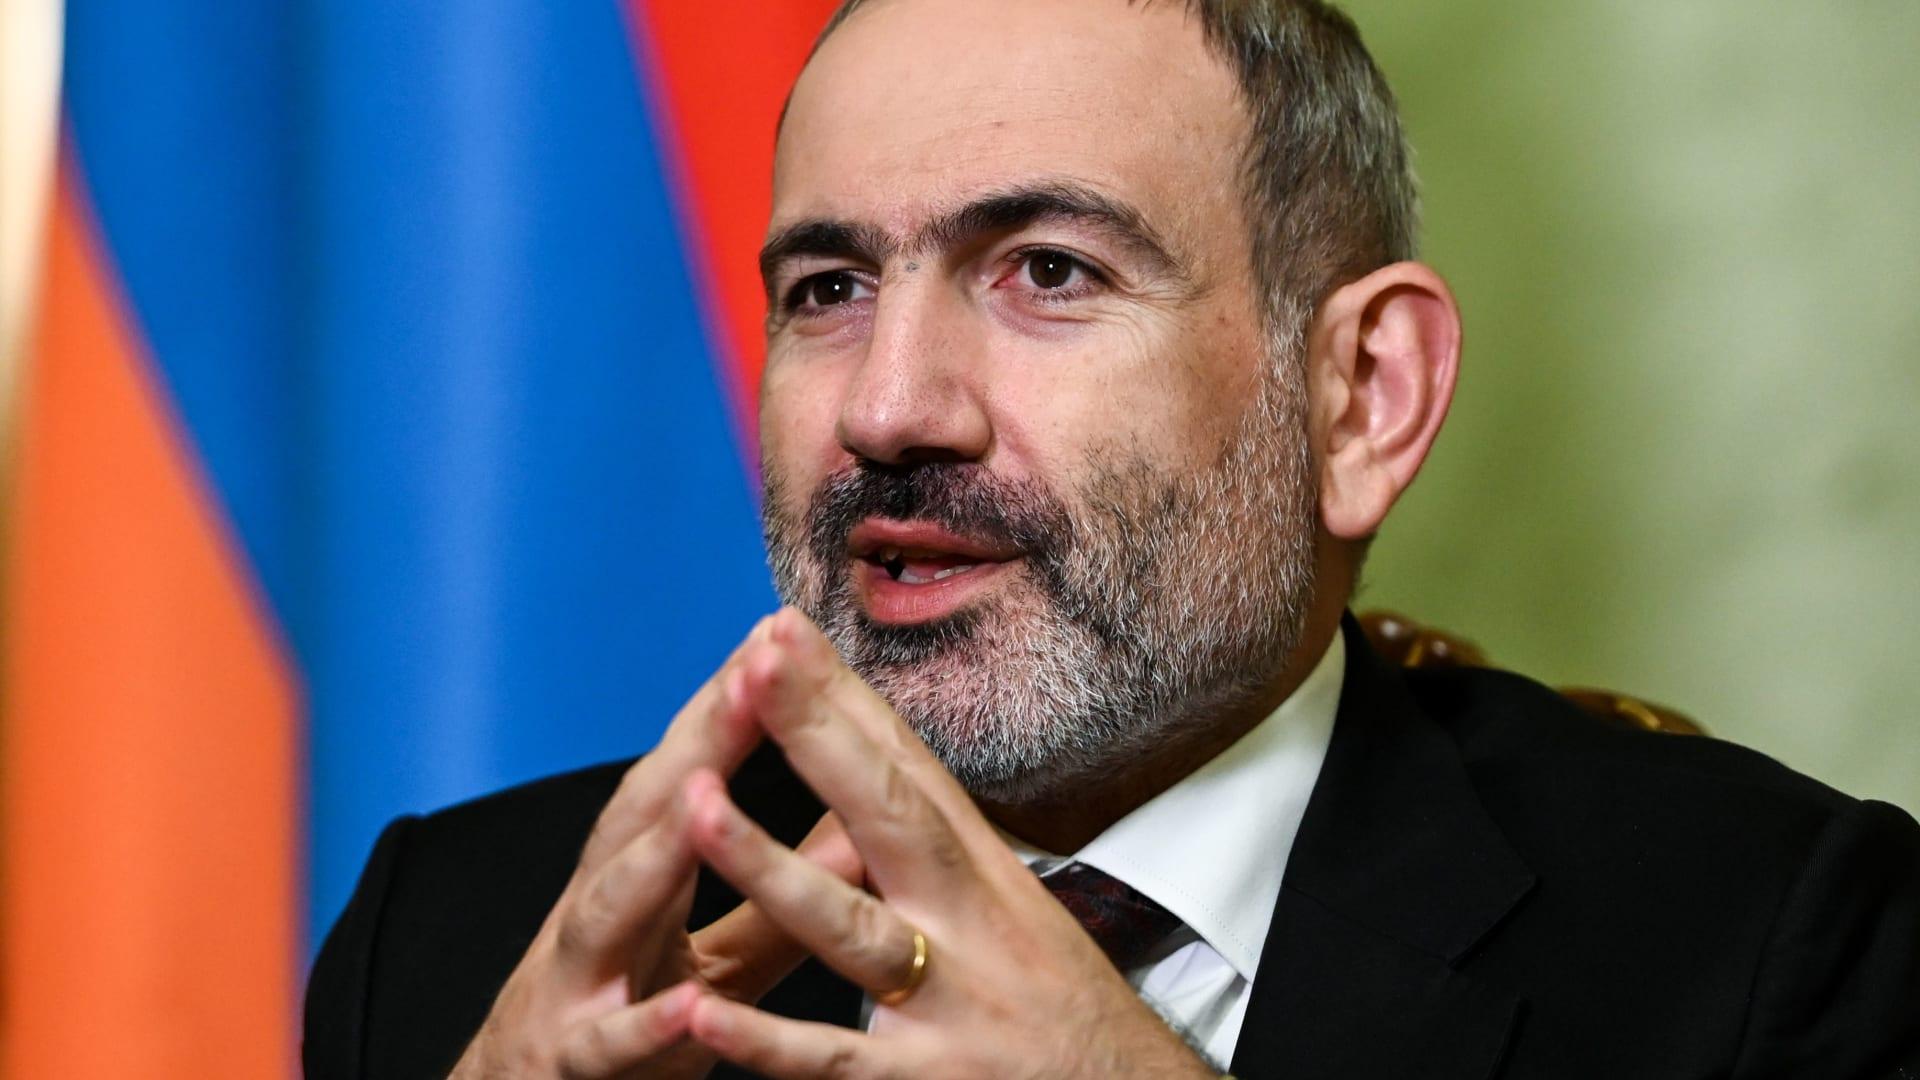 """بعد اتفاق رعته روسيا لإنهاء الحرب.. احتجاجات واسعة في أرمينيا ورئيس الحكومة يصف المتظاهرين بـ""""المخربين"""""""